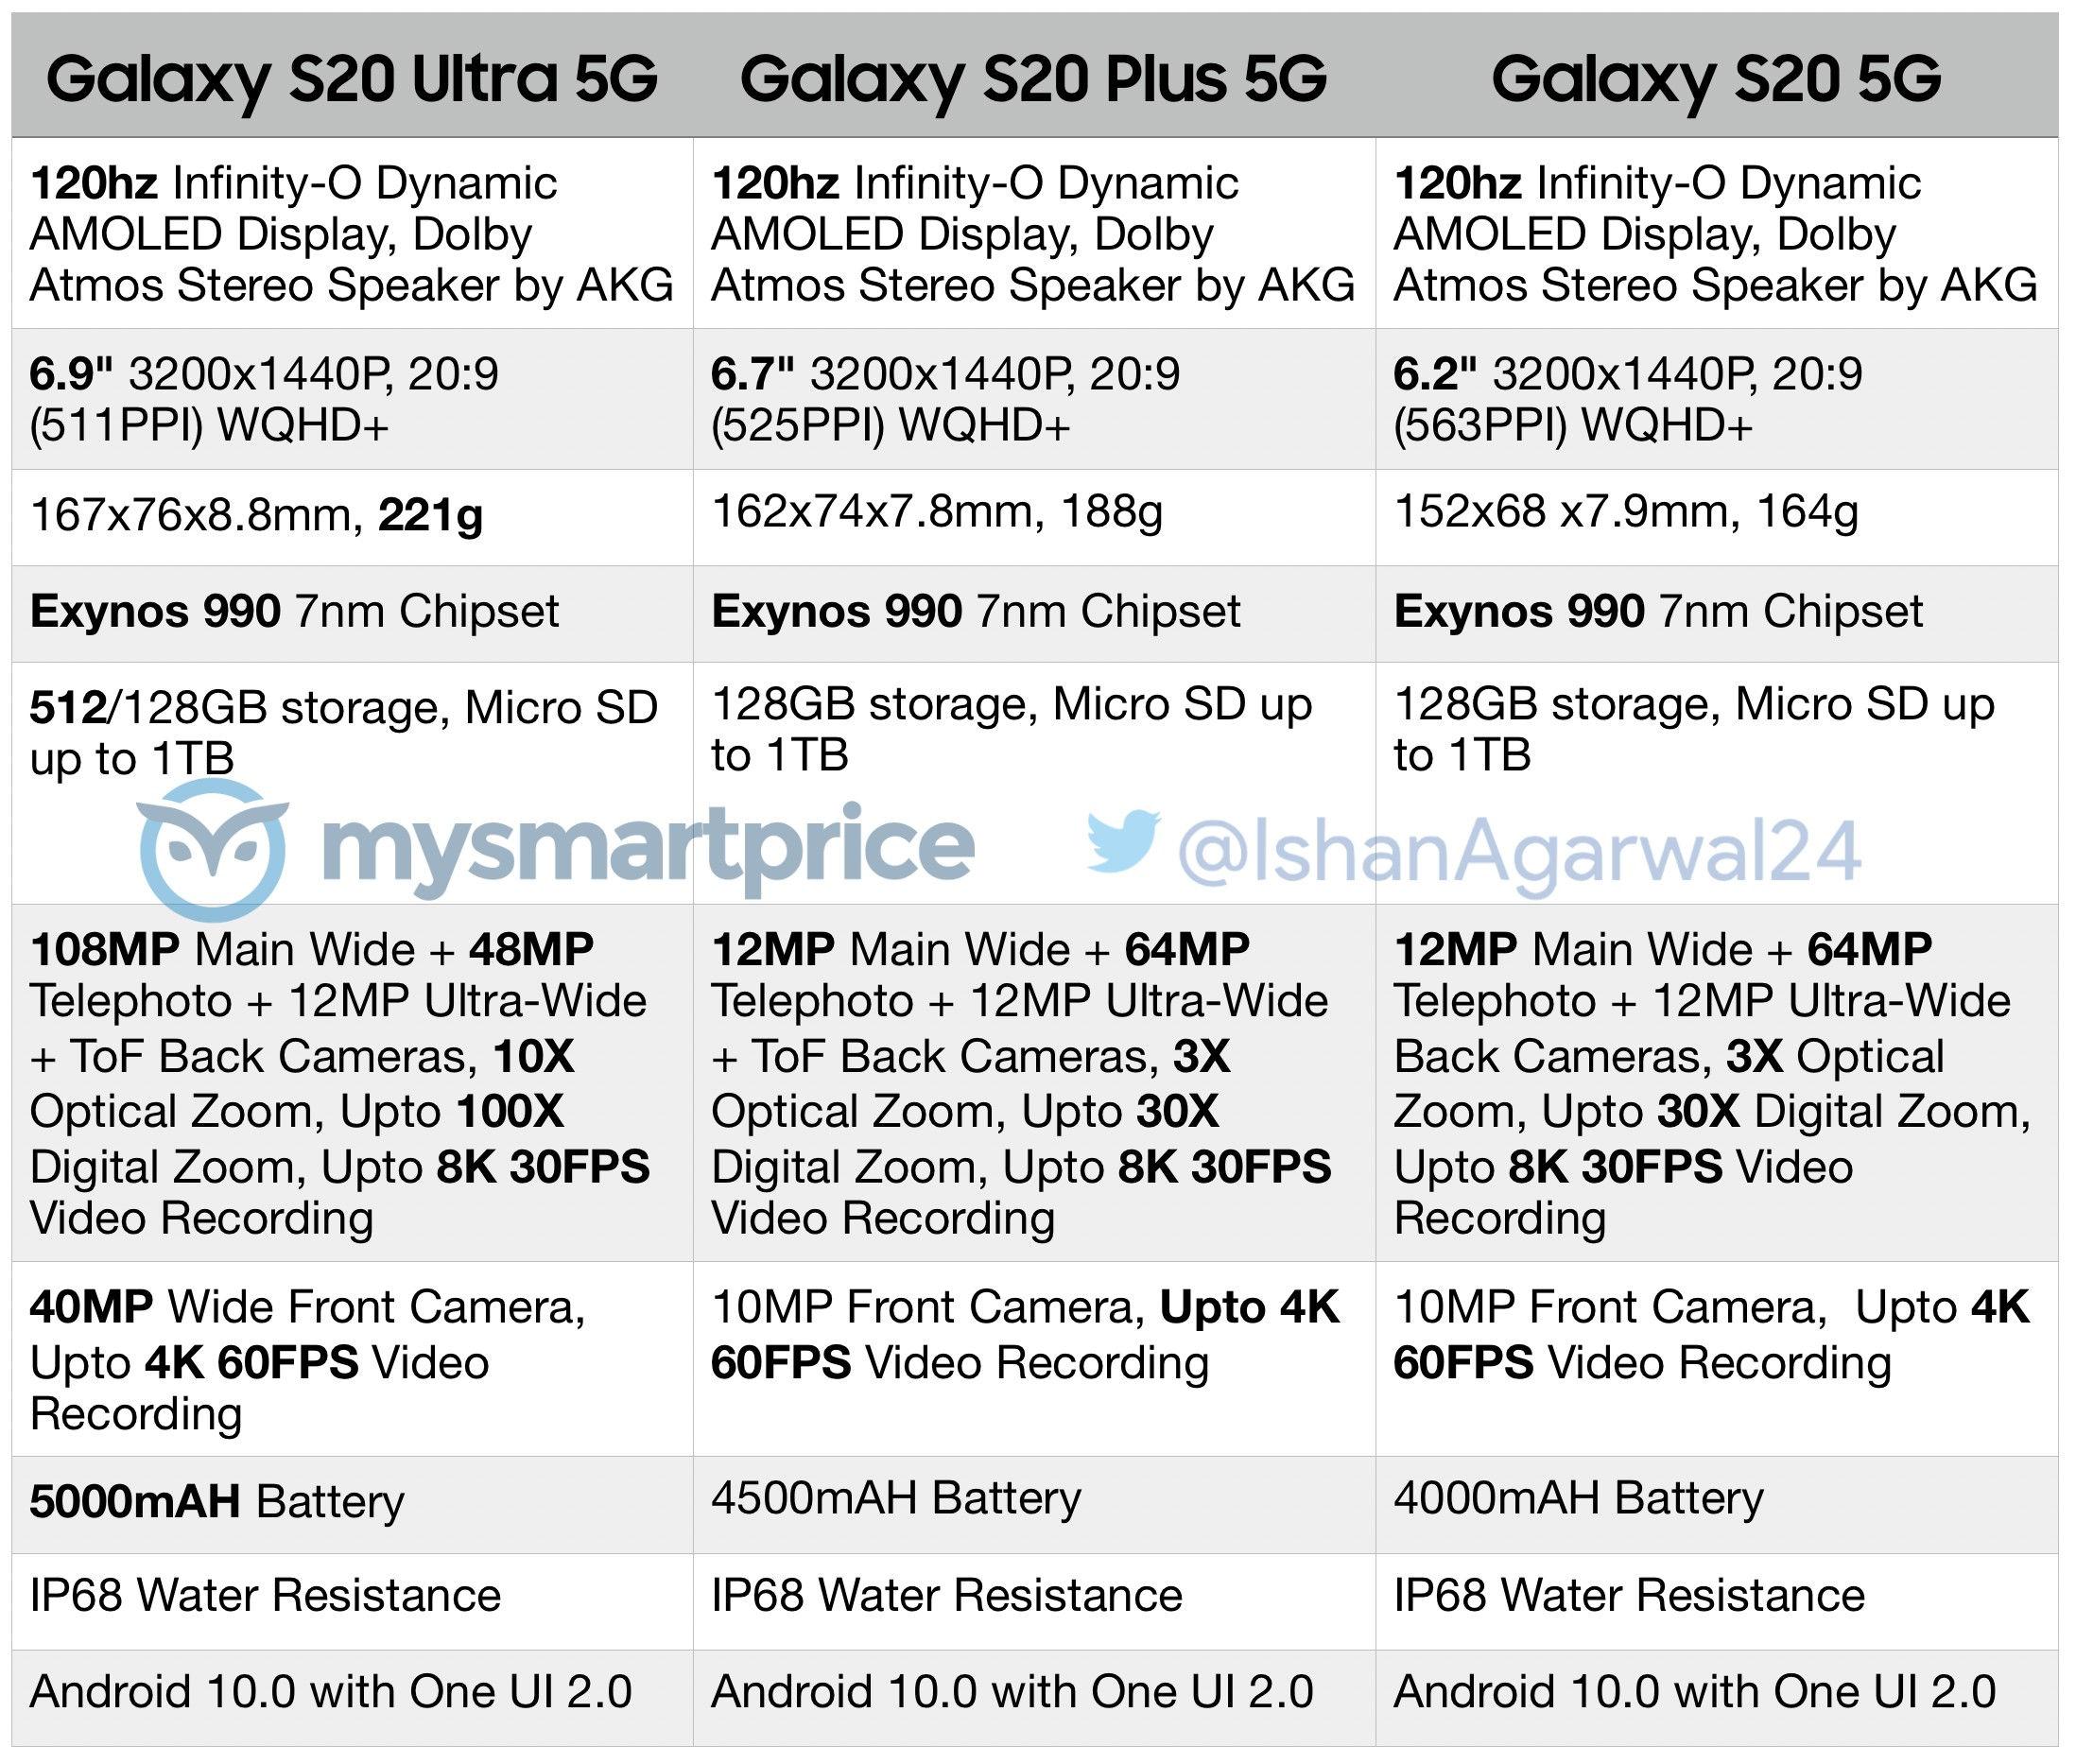 https://fikiri.net/wp-content/uploads/2020/01/1579567023_621_Specyfikacje-oczekiwanej-linii-Samsung-sa-filtrowane-Galaxy-S20.jpg